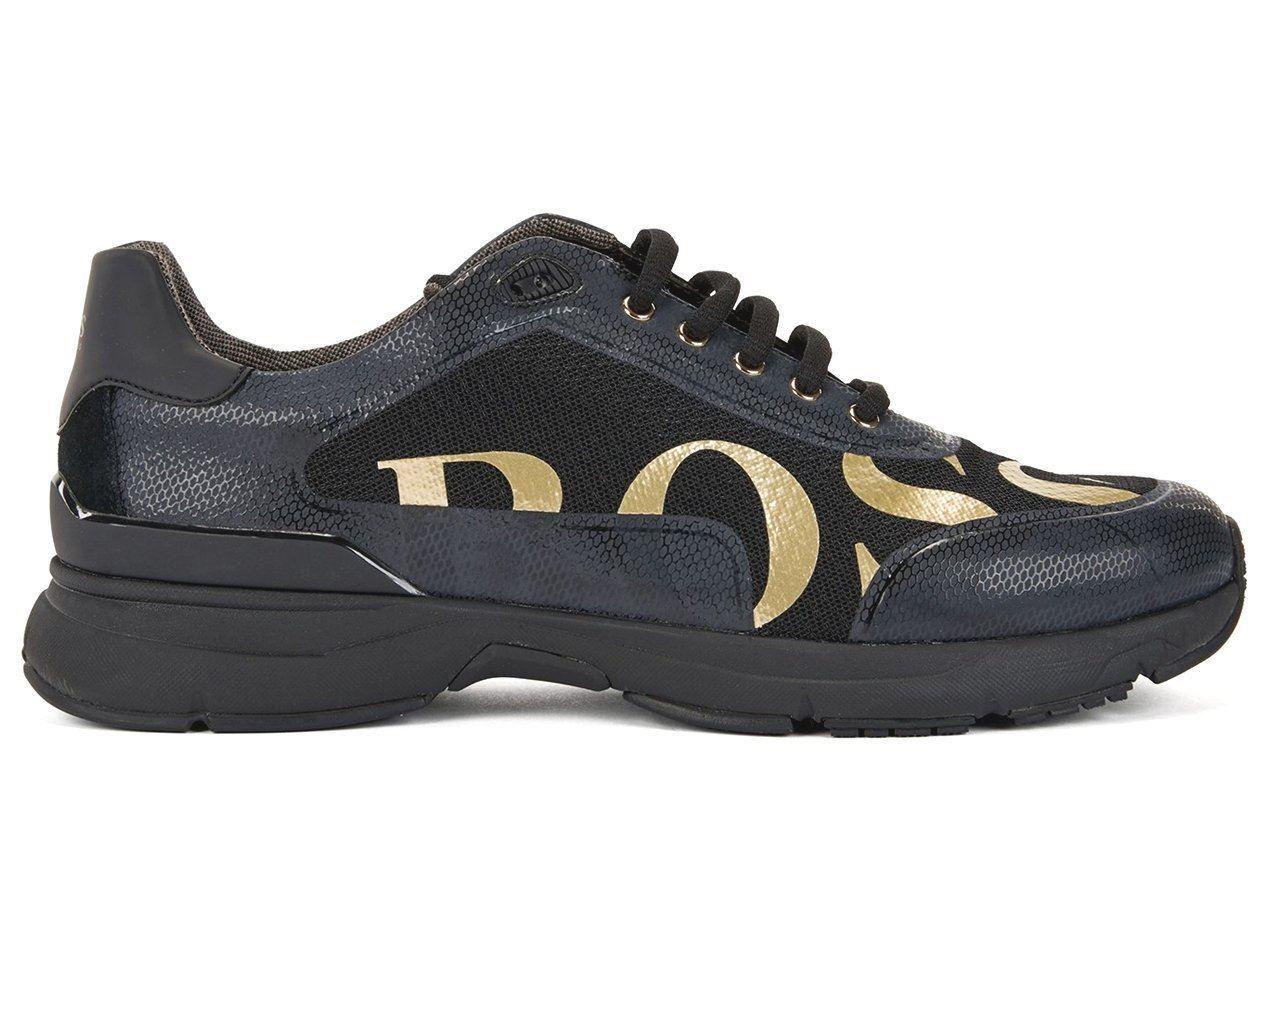 Homme Hugo Boss Vélocité courirn Logo2 50397613 001 paniers Chaussures Noires